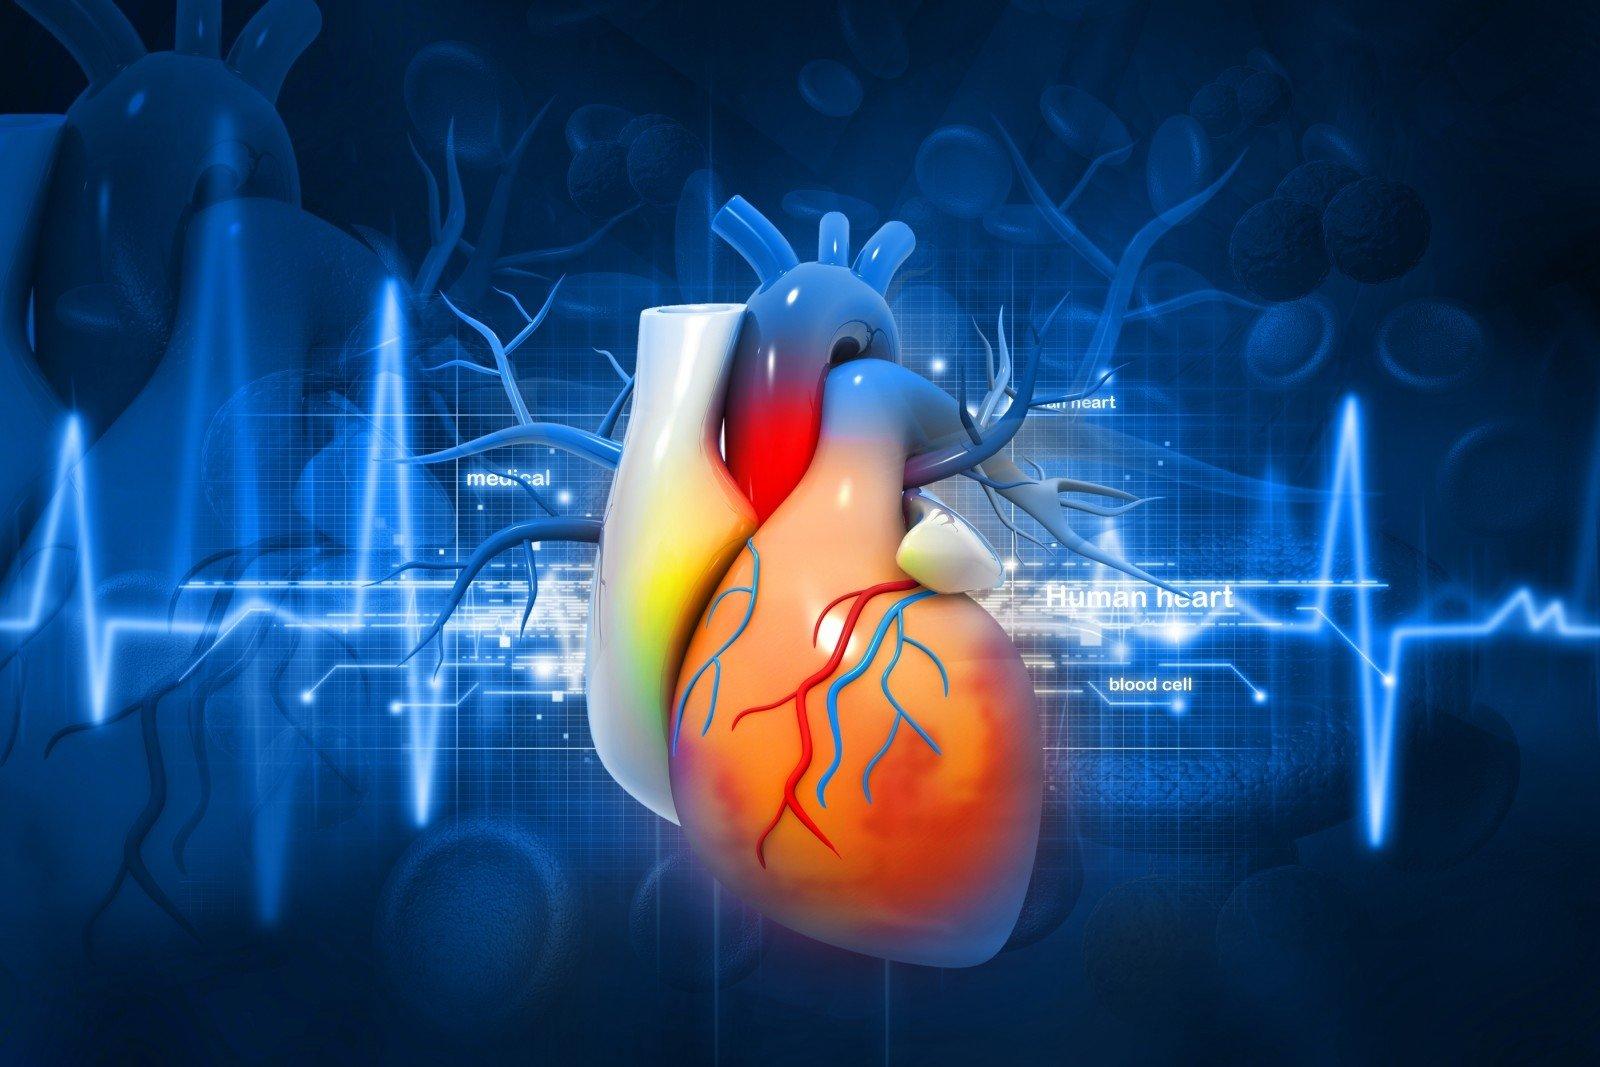 dietos kokso širdies sveikatos reklama galima su šampanu su hipertenzija